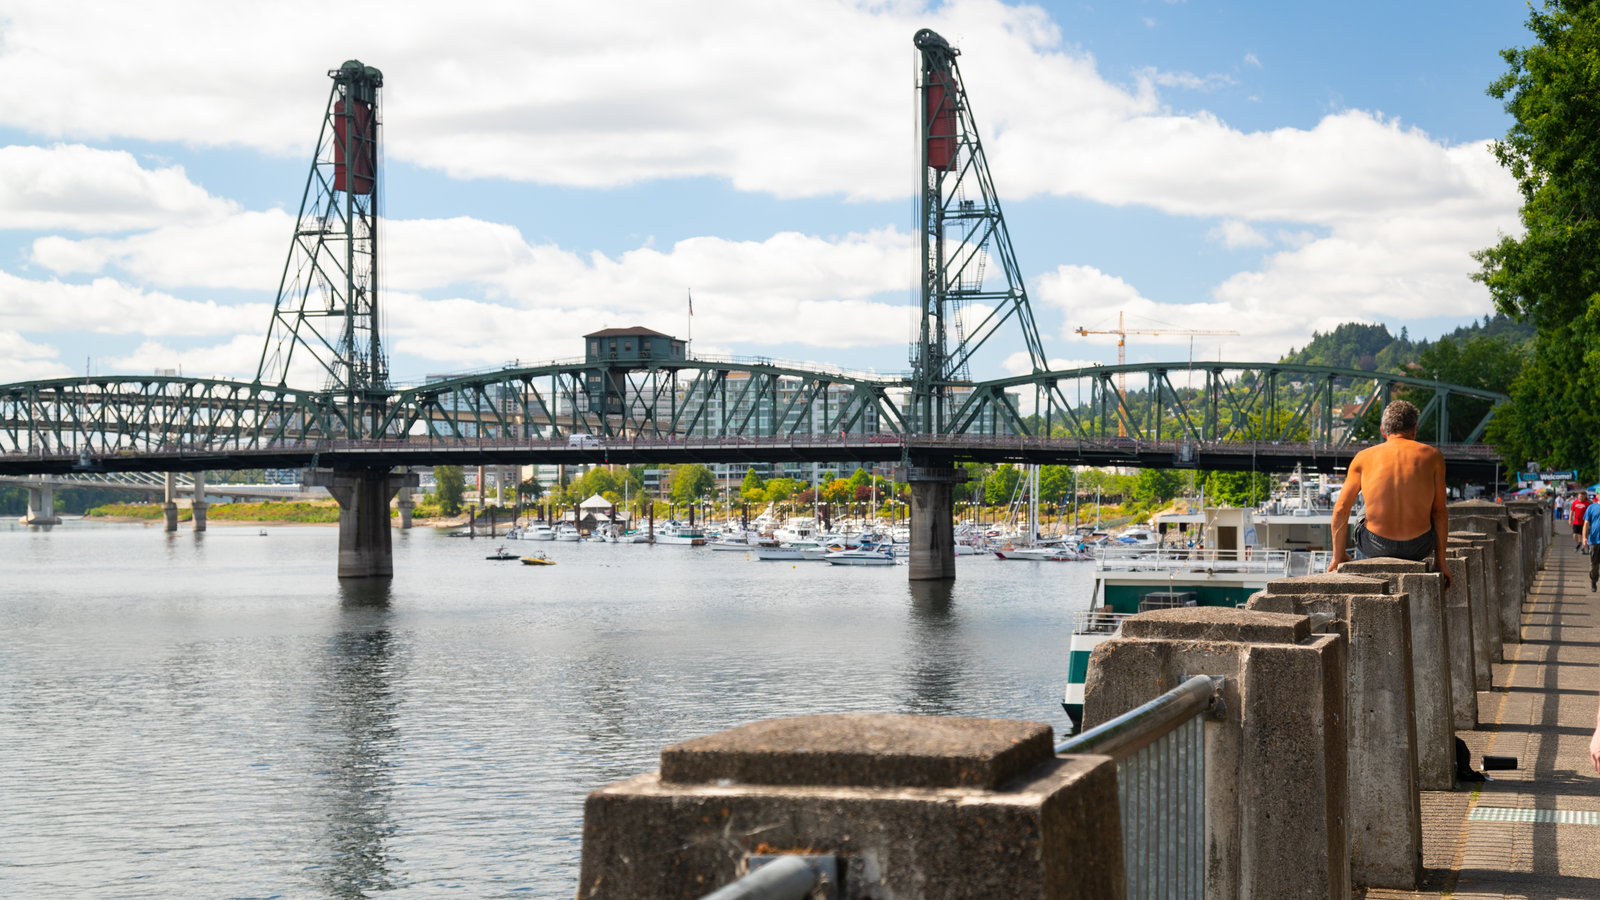 Puente Hawthorne que incluye un río o arroyo y un puente y también un hombre